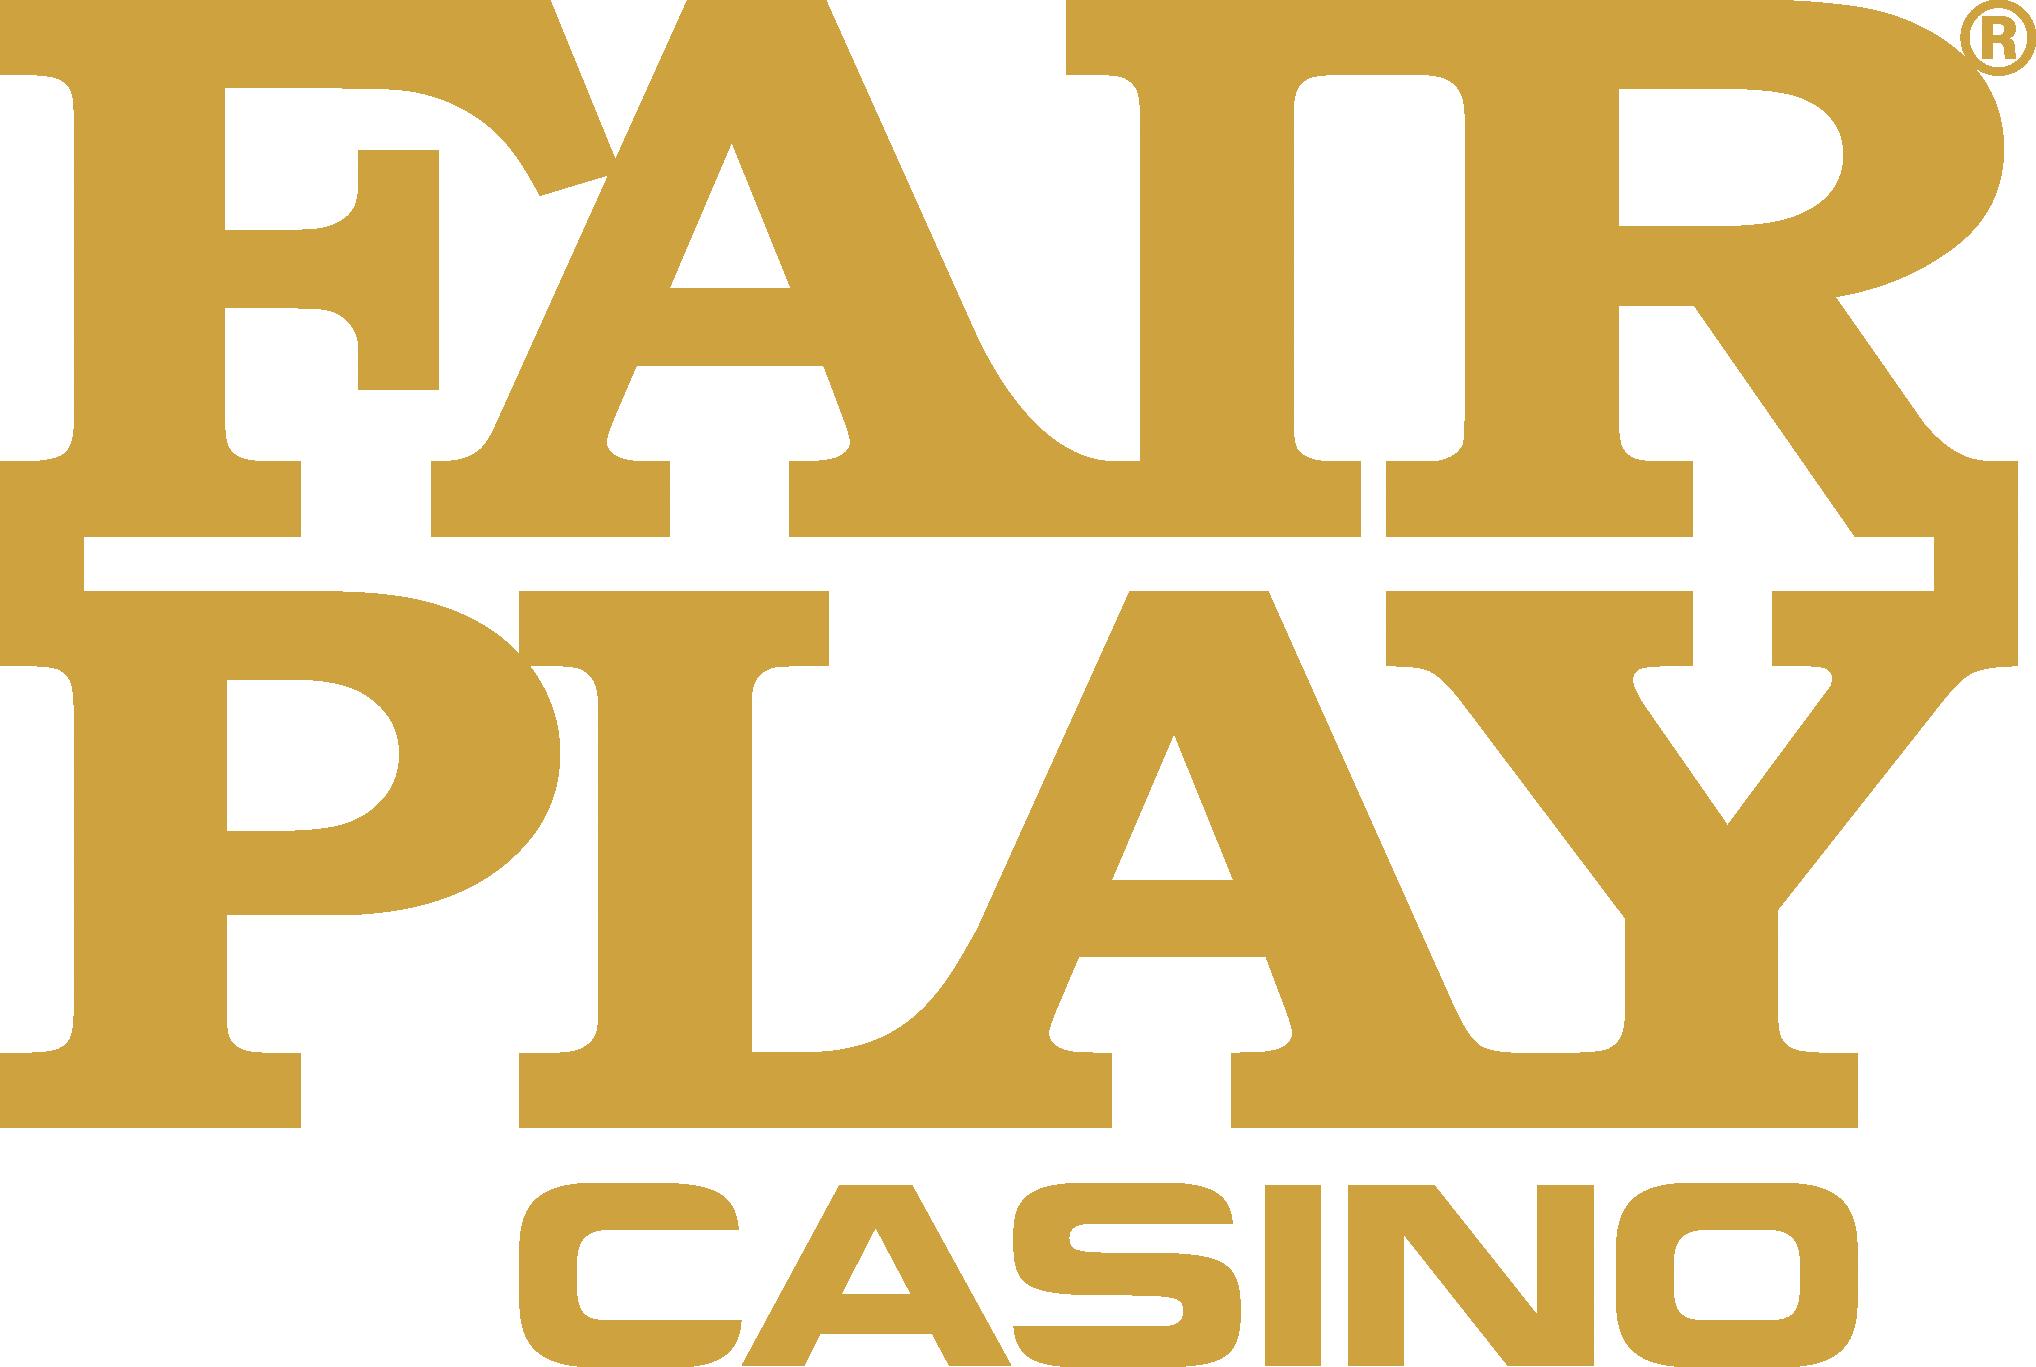 FairPlayCasino